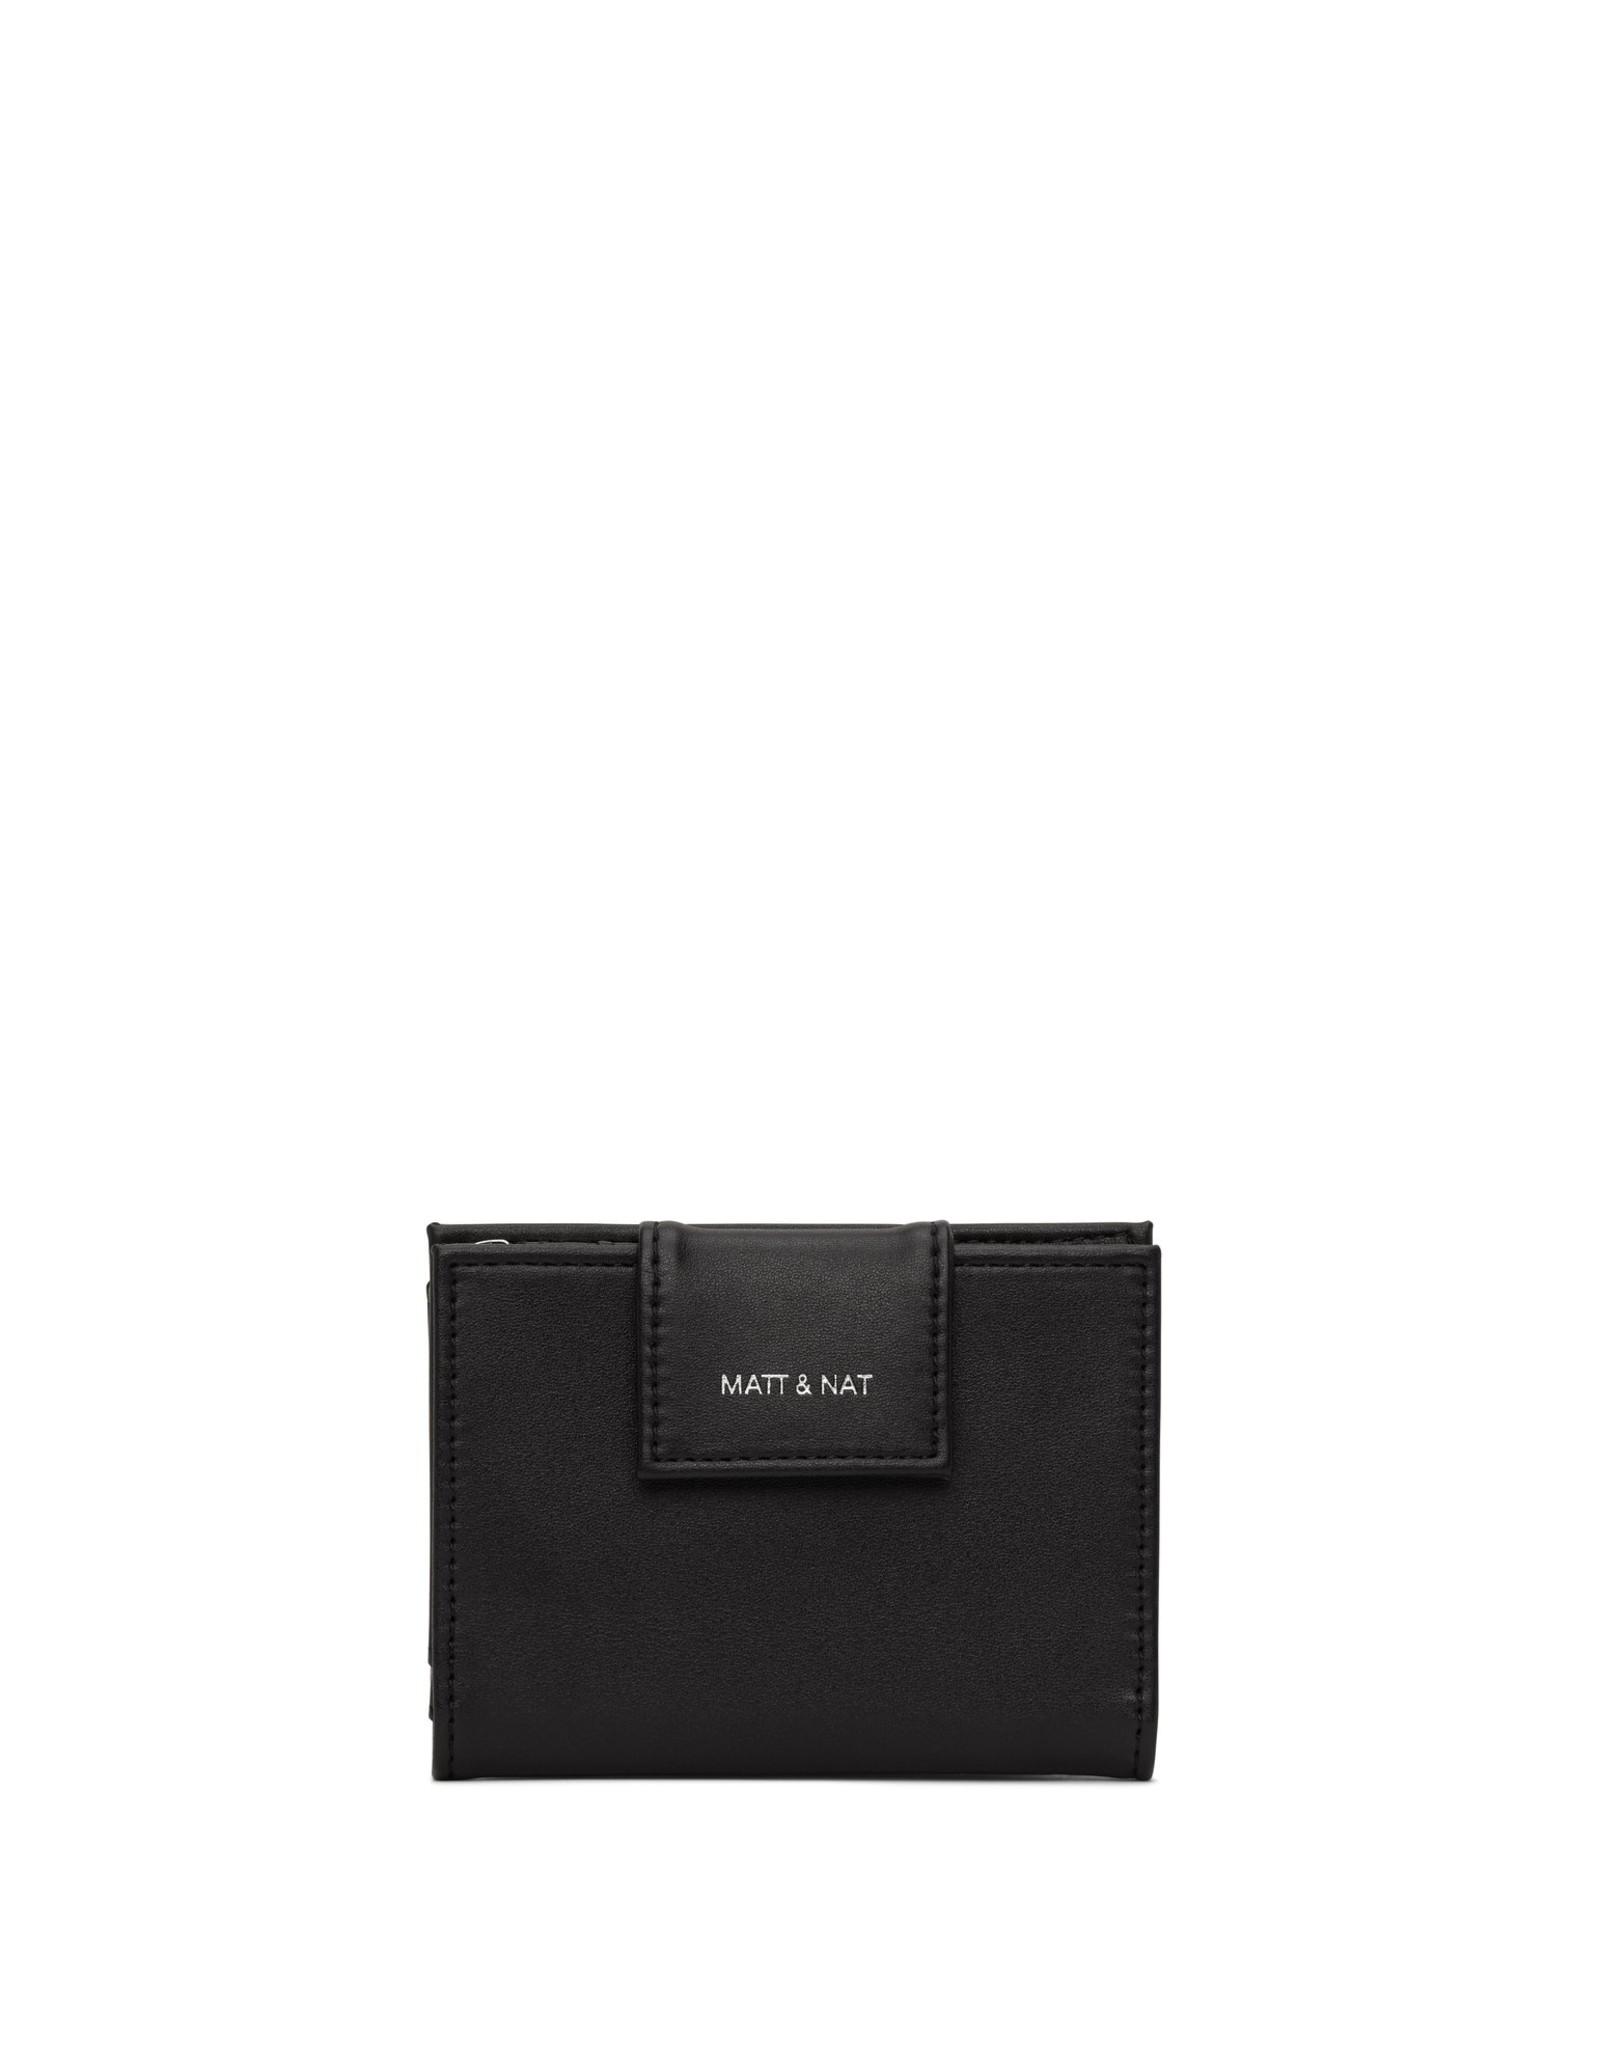 Matt & Nat - Wallet Cruise Small/Black